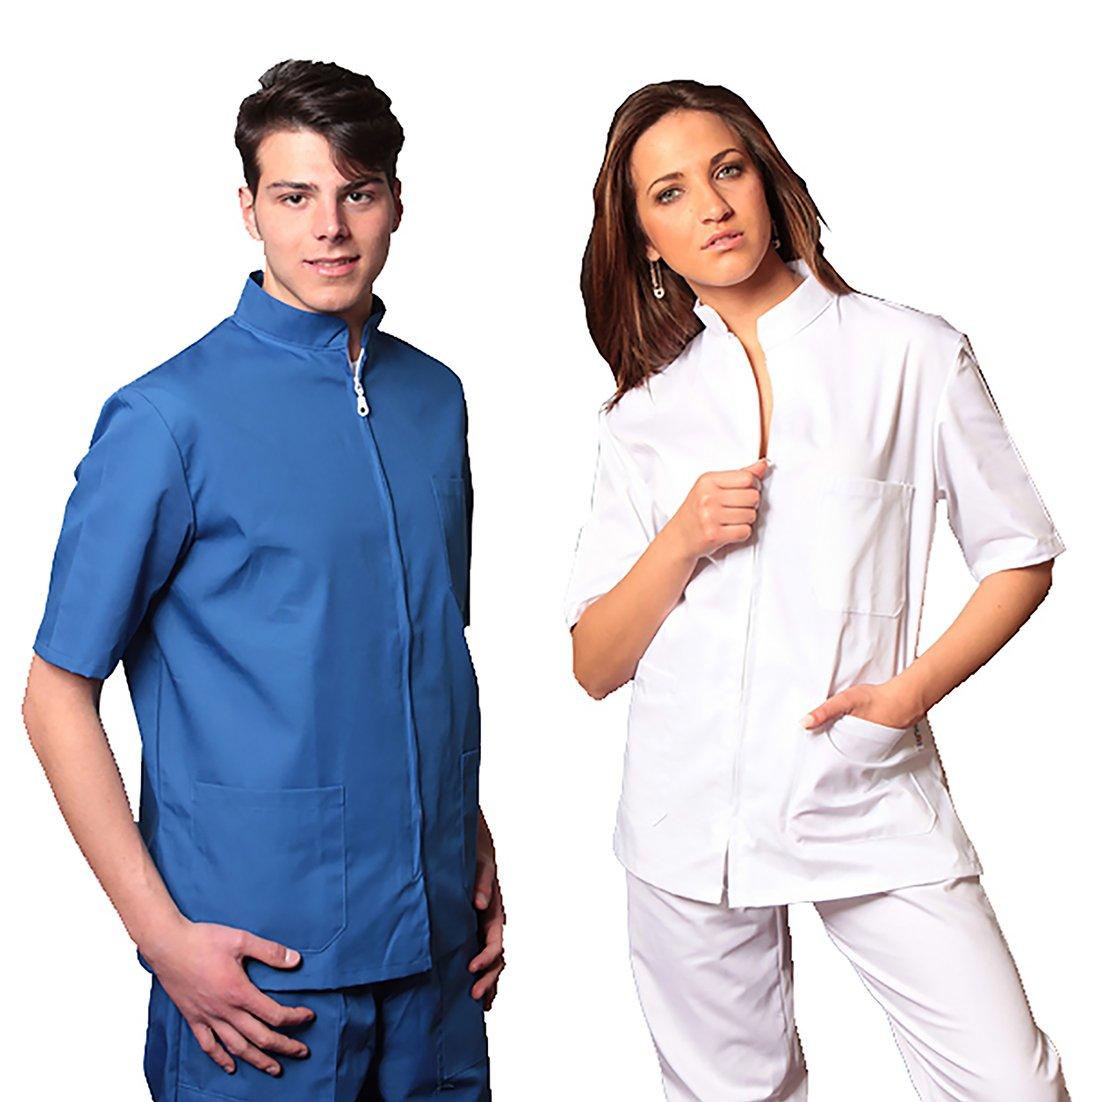 AIESI Divisa Ospedaliera unisex uomo donna in cotone 100% sanforizzato pantaloni + casacca con zip - Sanitaria Medicale per Medico Infermiere Oss Estetista Made in Italy - XXXL BLU ROYAL